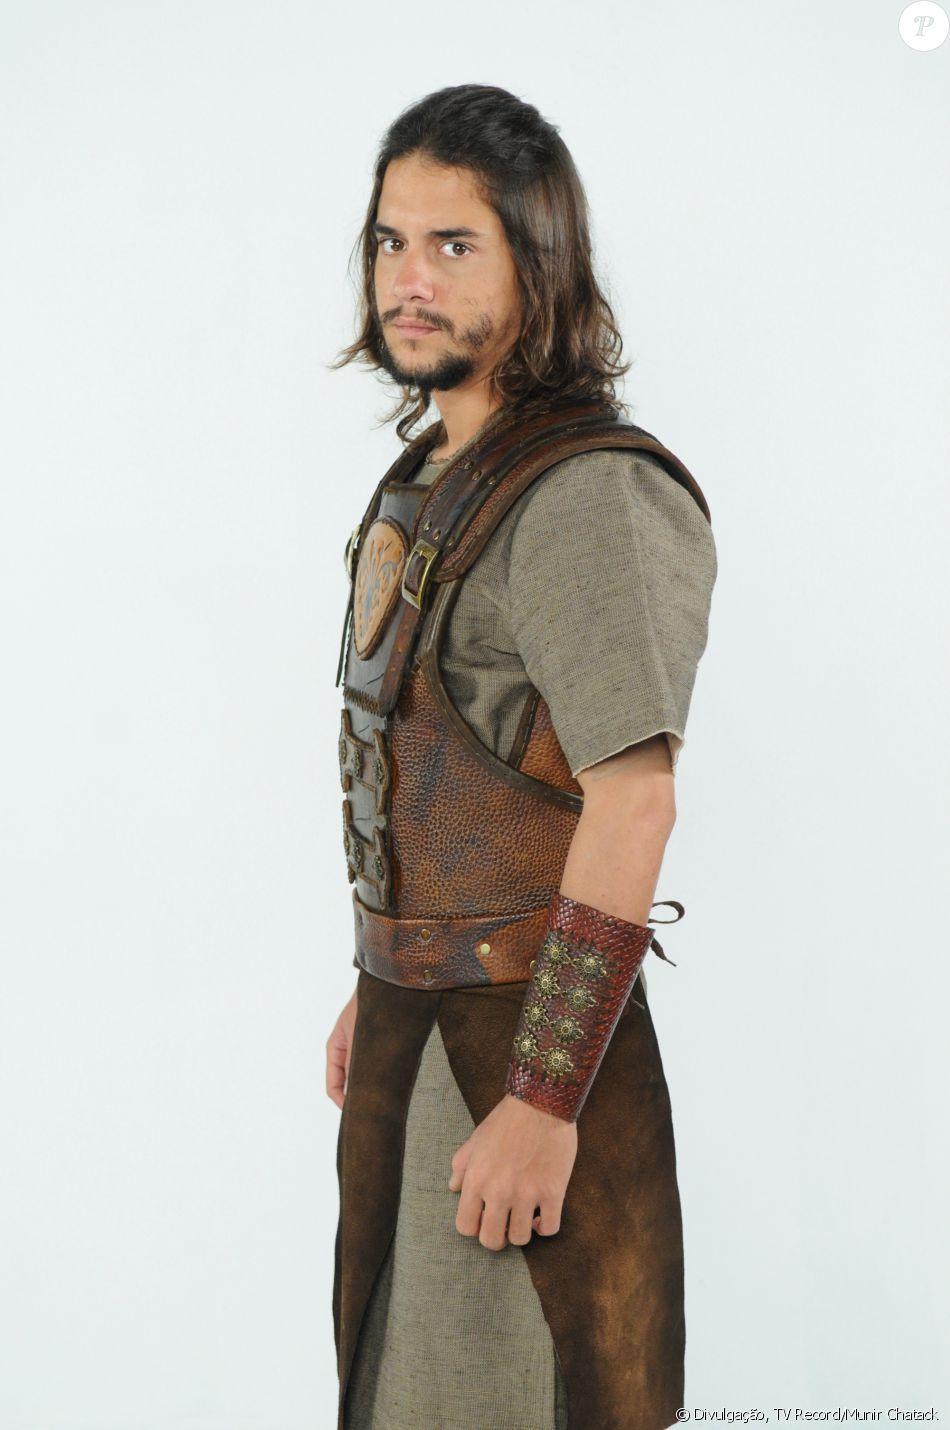 Iru (Guilherme Boury) é apaixonado por Melina (Carla Diaz) e acaba virando refém no reino Al. Depois, se aproxima de Jéssica (Mayte Piragibe), na novela 'A Terra Prometida'